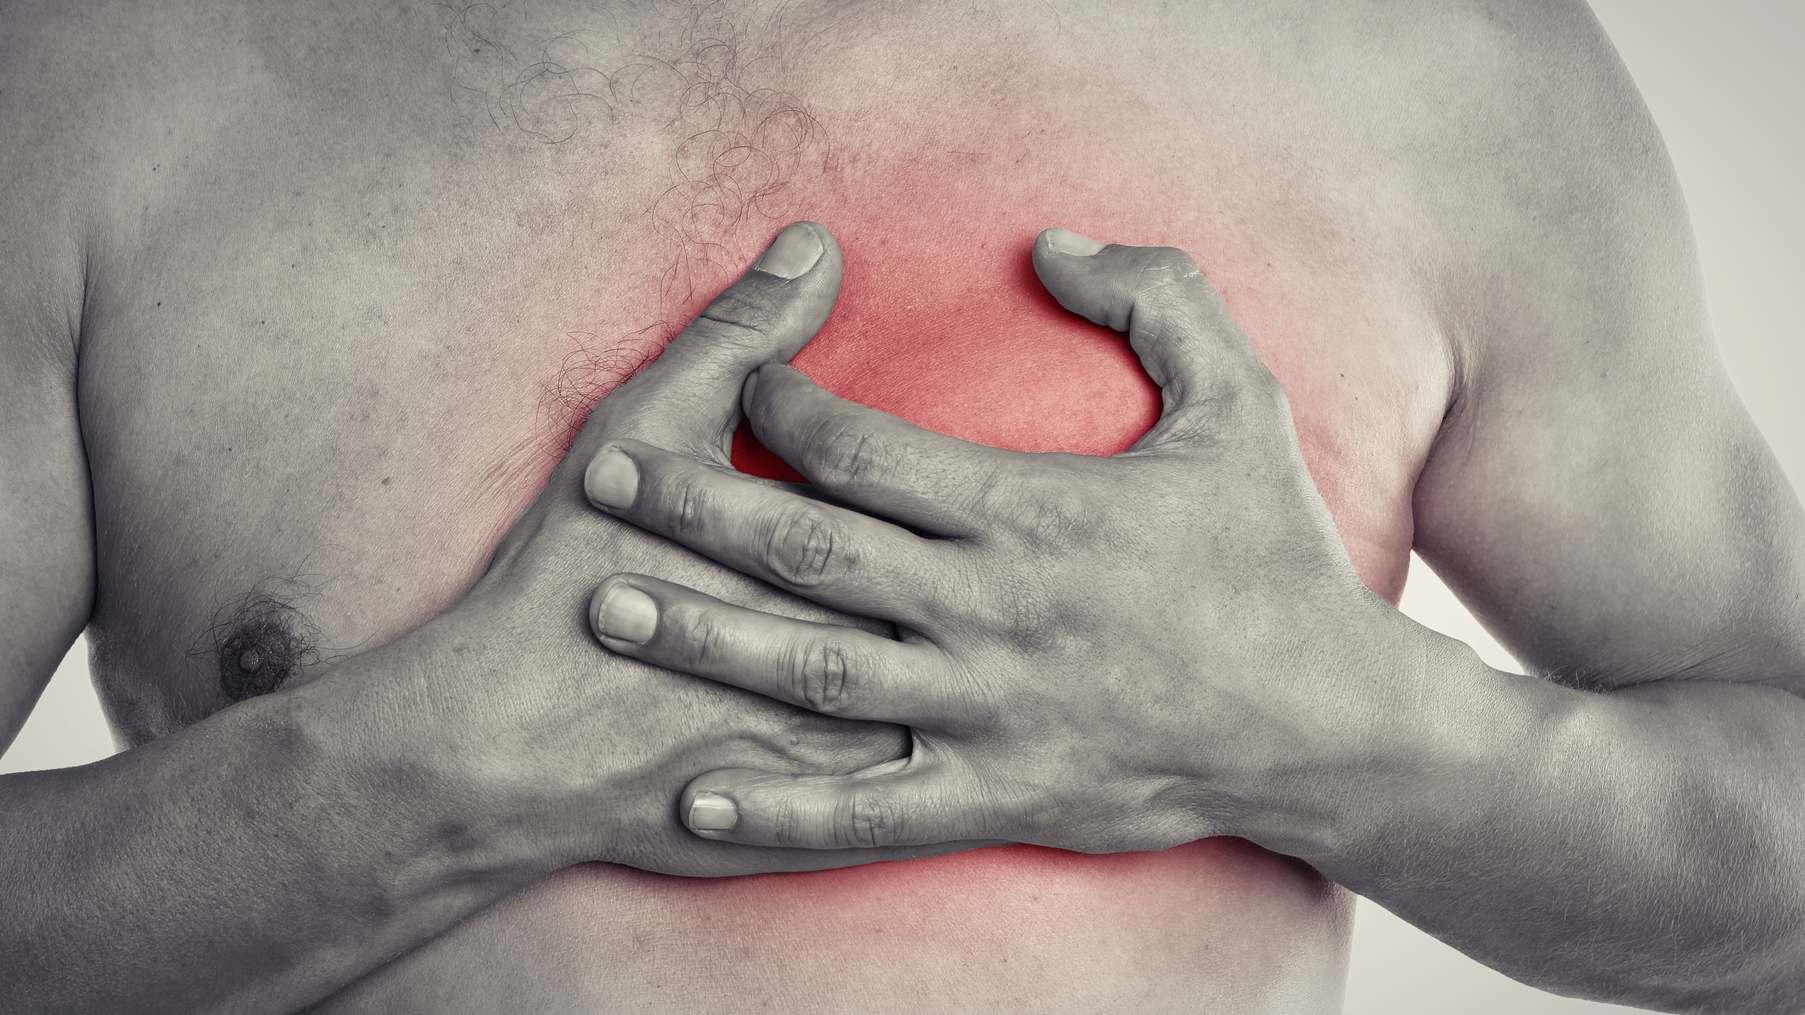 Pogrypowe zapalenie miesnia sercowego %282%29